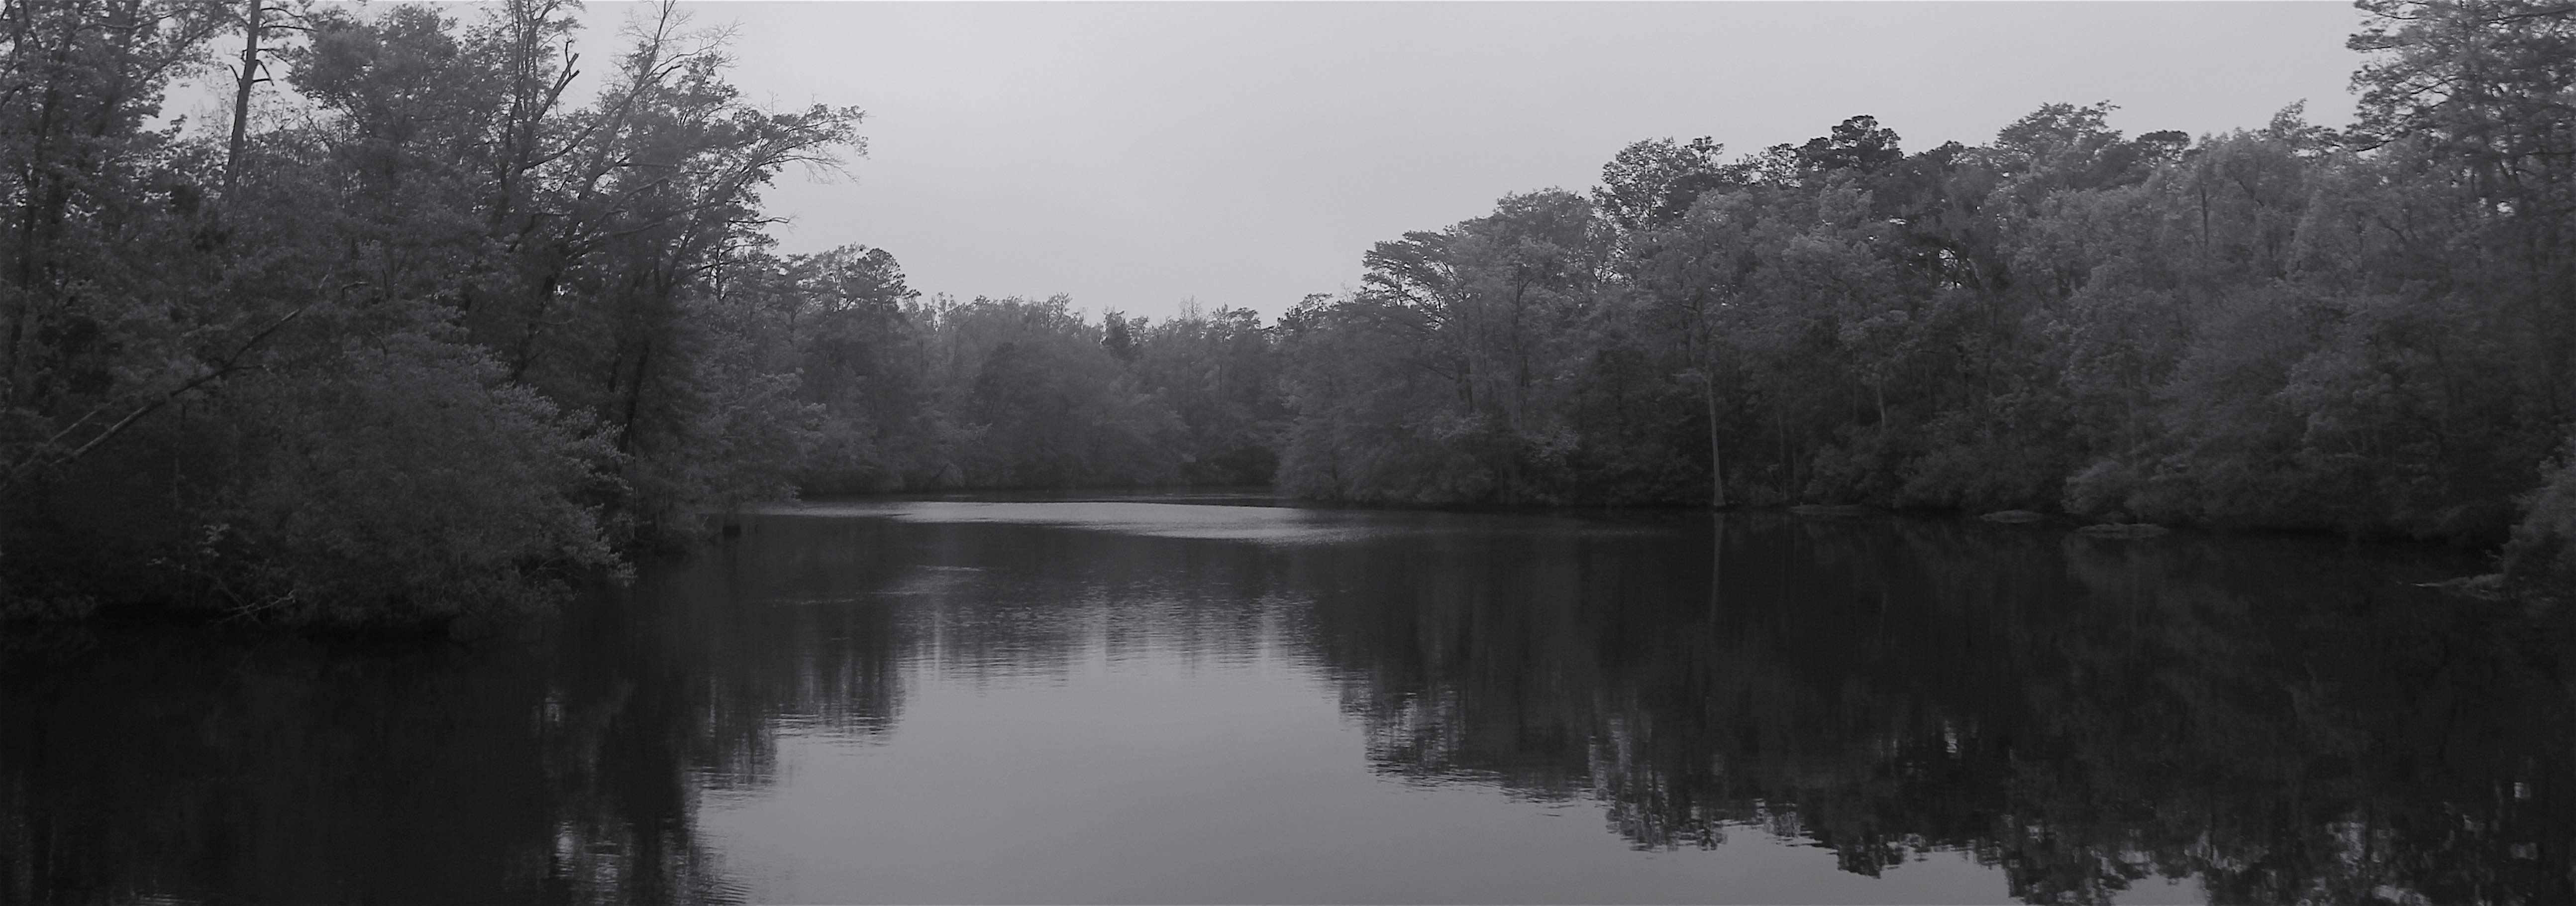 Dismal Swamp 2